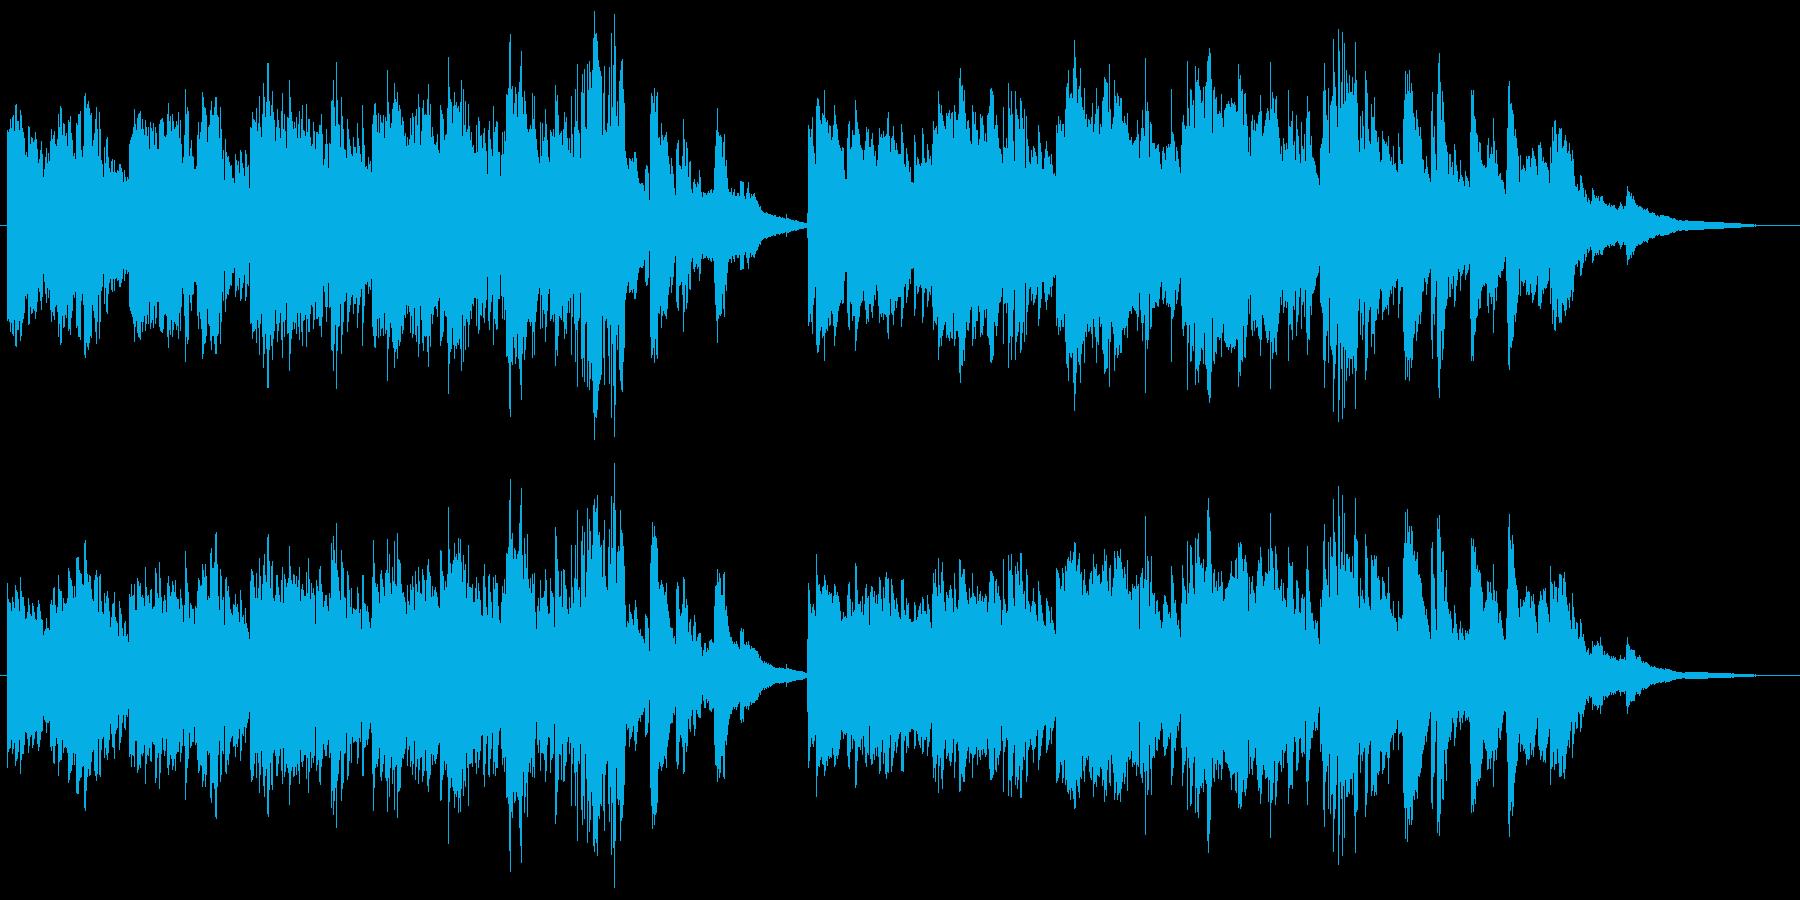 KILLERSの再生済みの波形